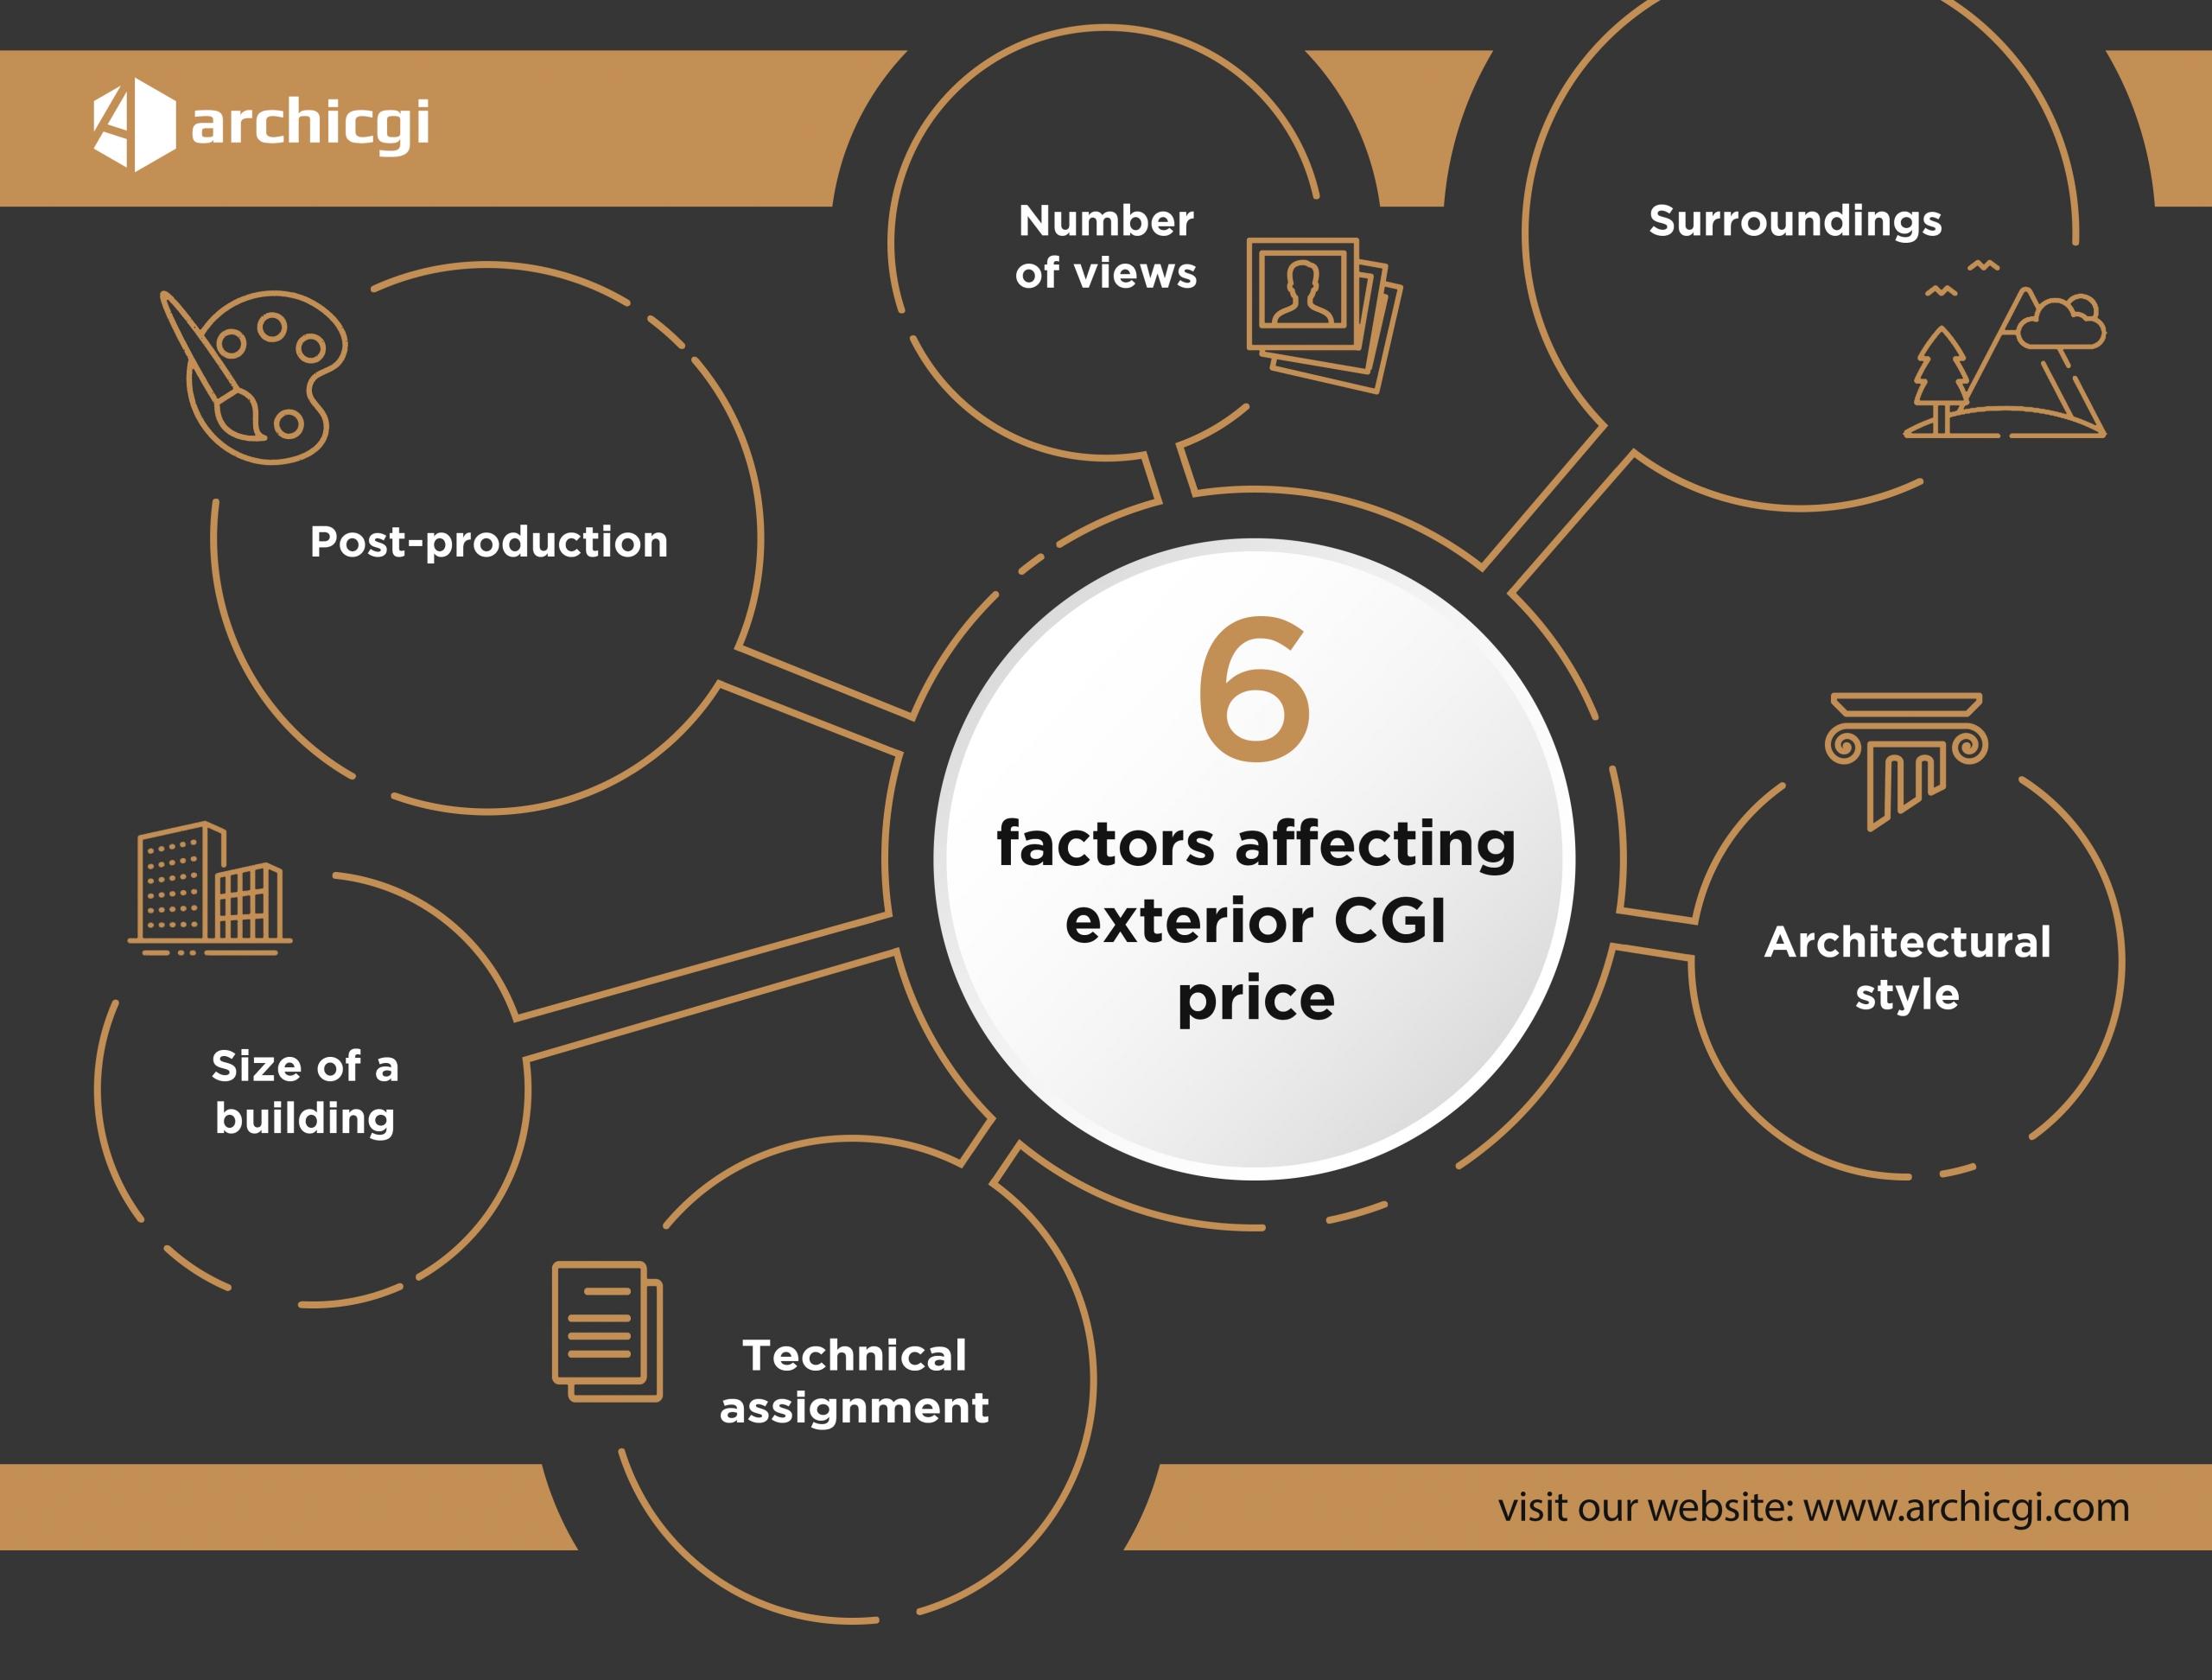 6 Factors Affecting Exterior CGI Price